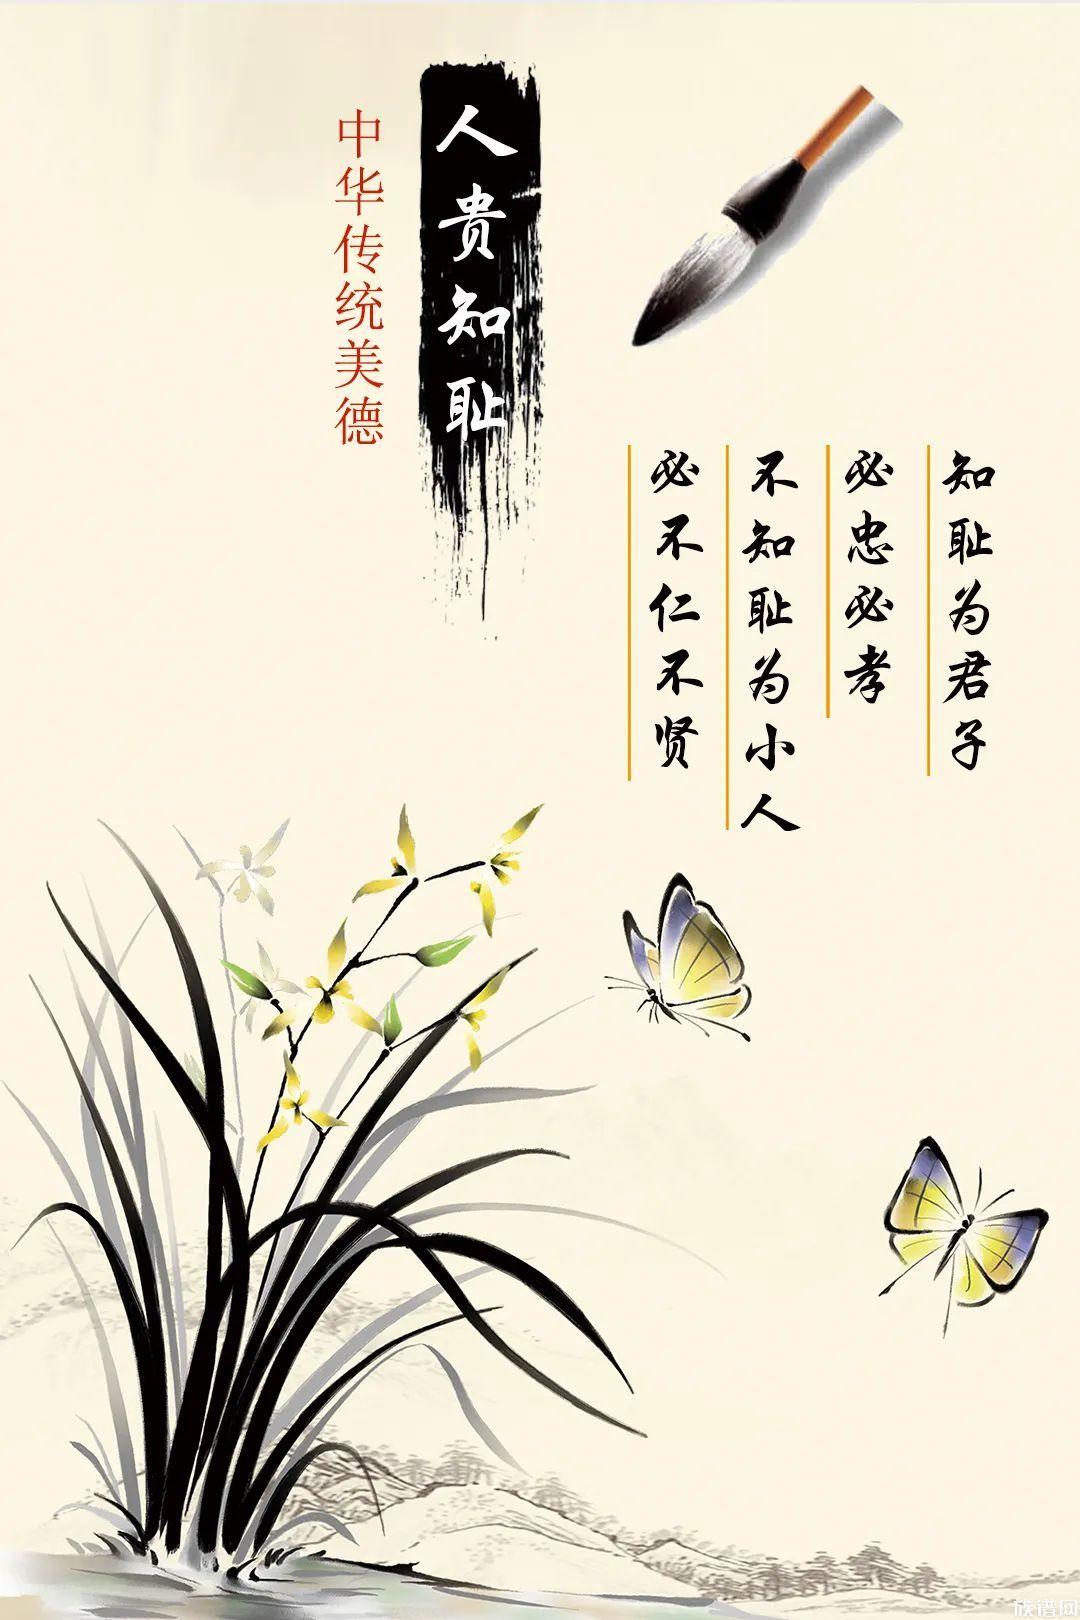 中华传统美德之人贵知耻